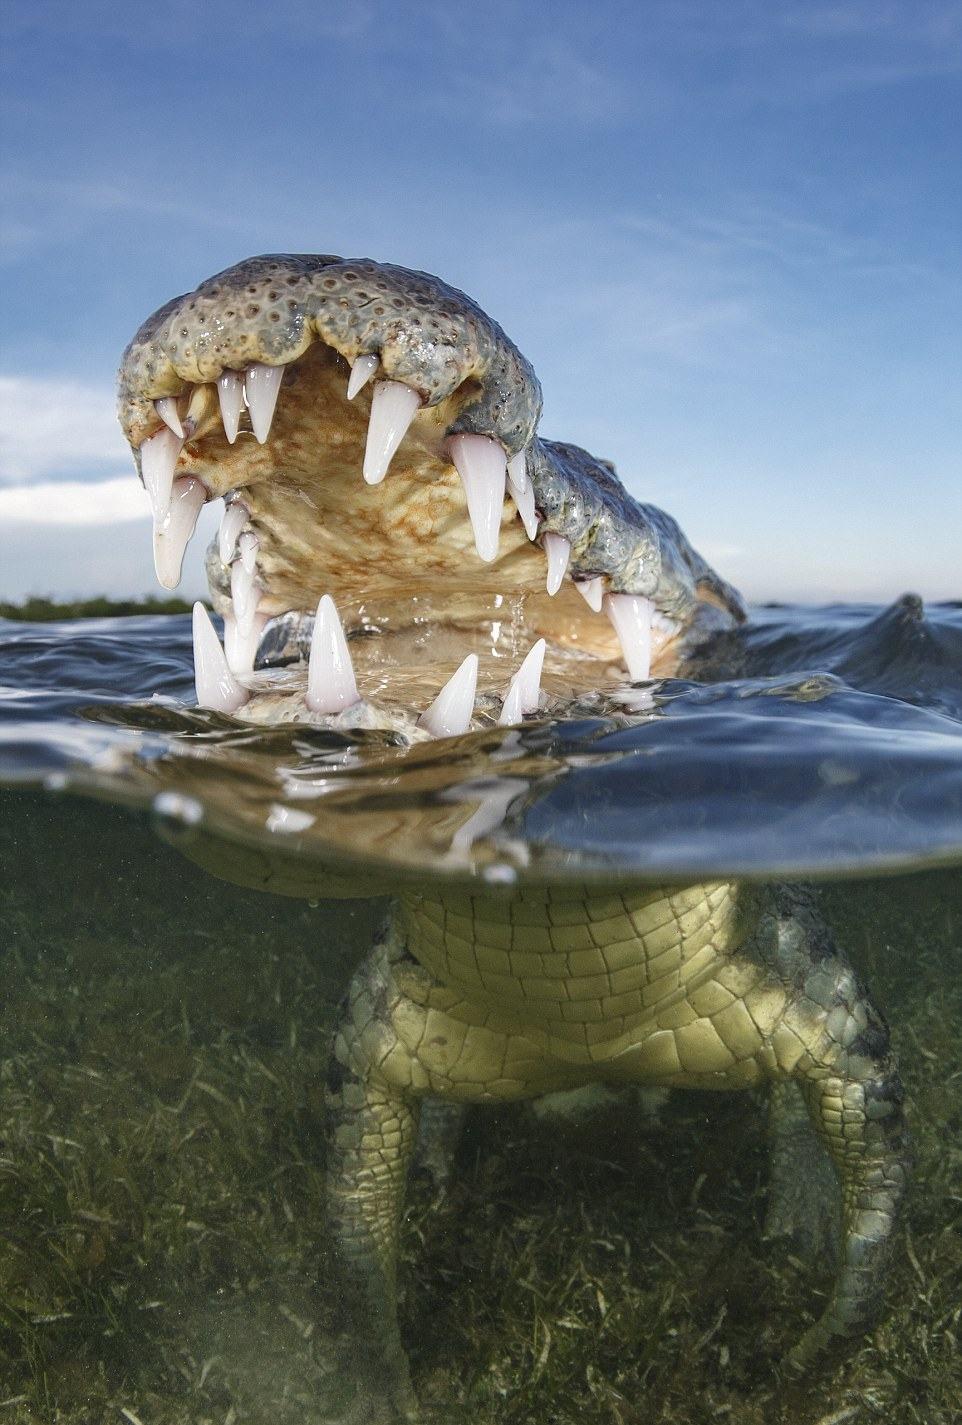 Lại thêm một bức hình của Terry Steeley. Dường như nhiếp ảnh gia này có một lá gan khá to khi liên tục giơ máy ảnh tận mồm các loài cá dữ tợn - như con cá sấu châu Mỹ này.